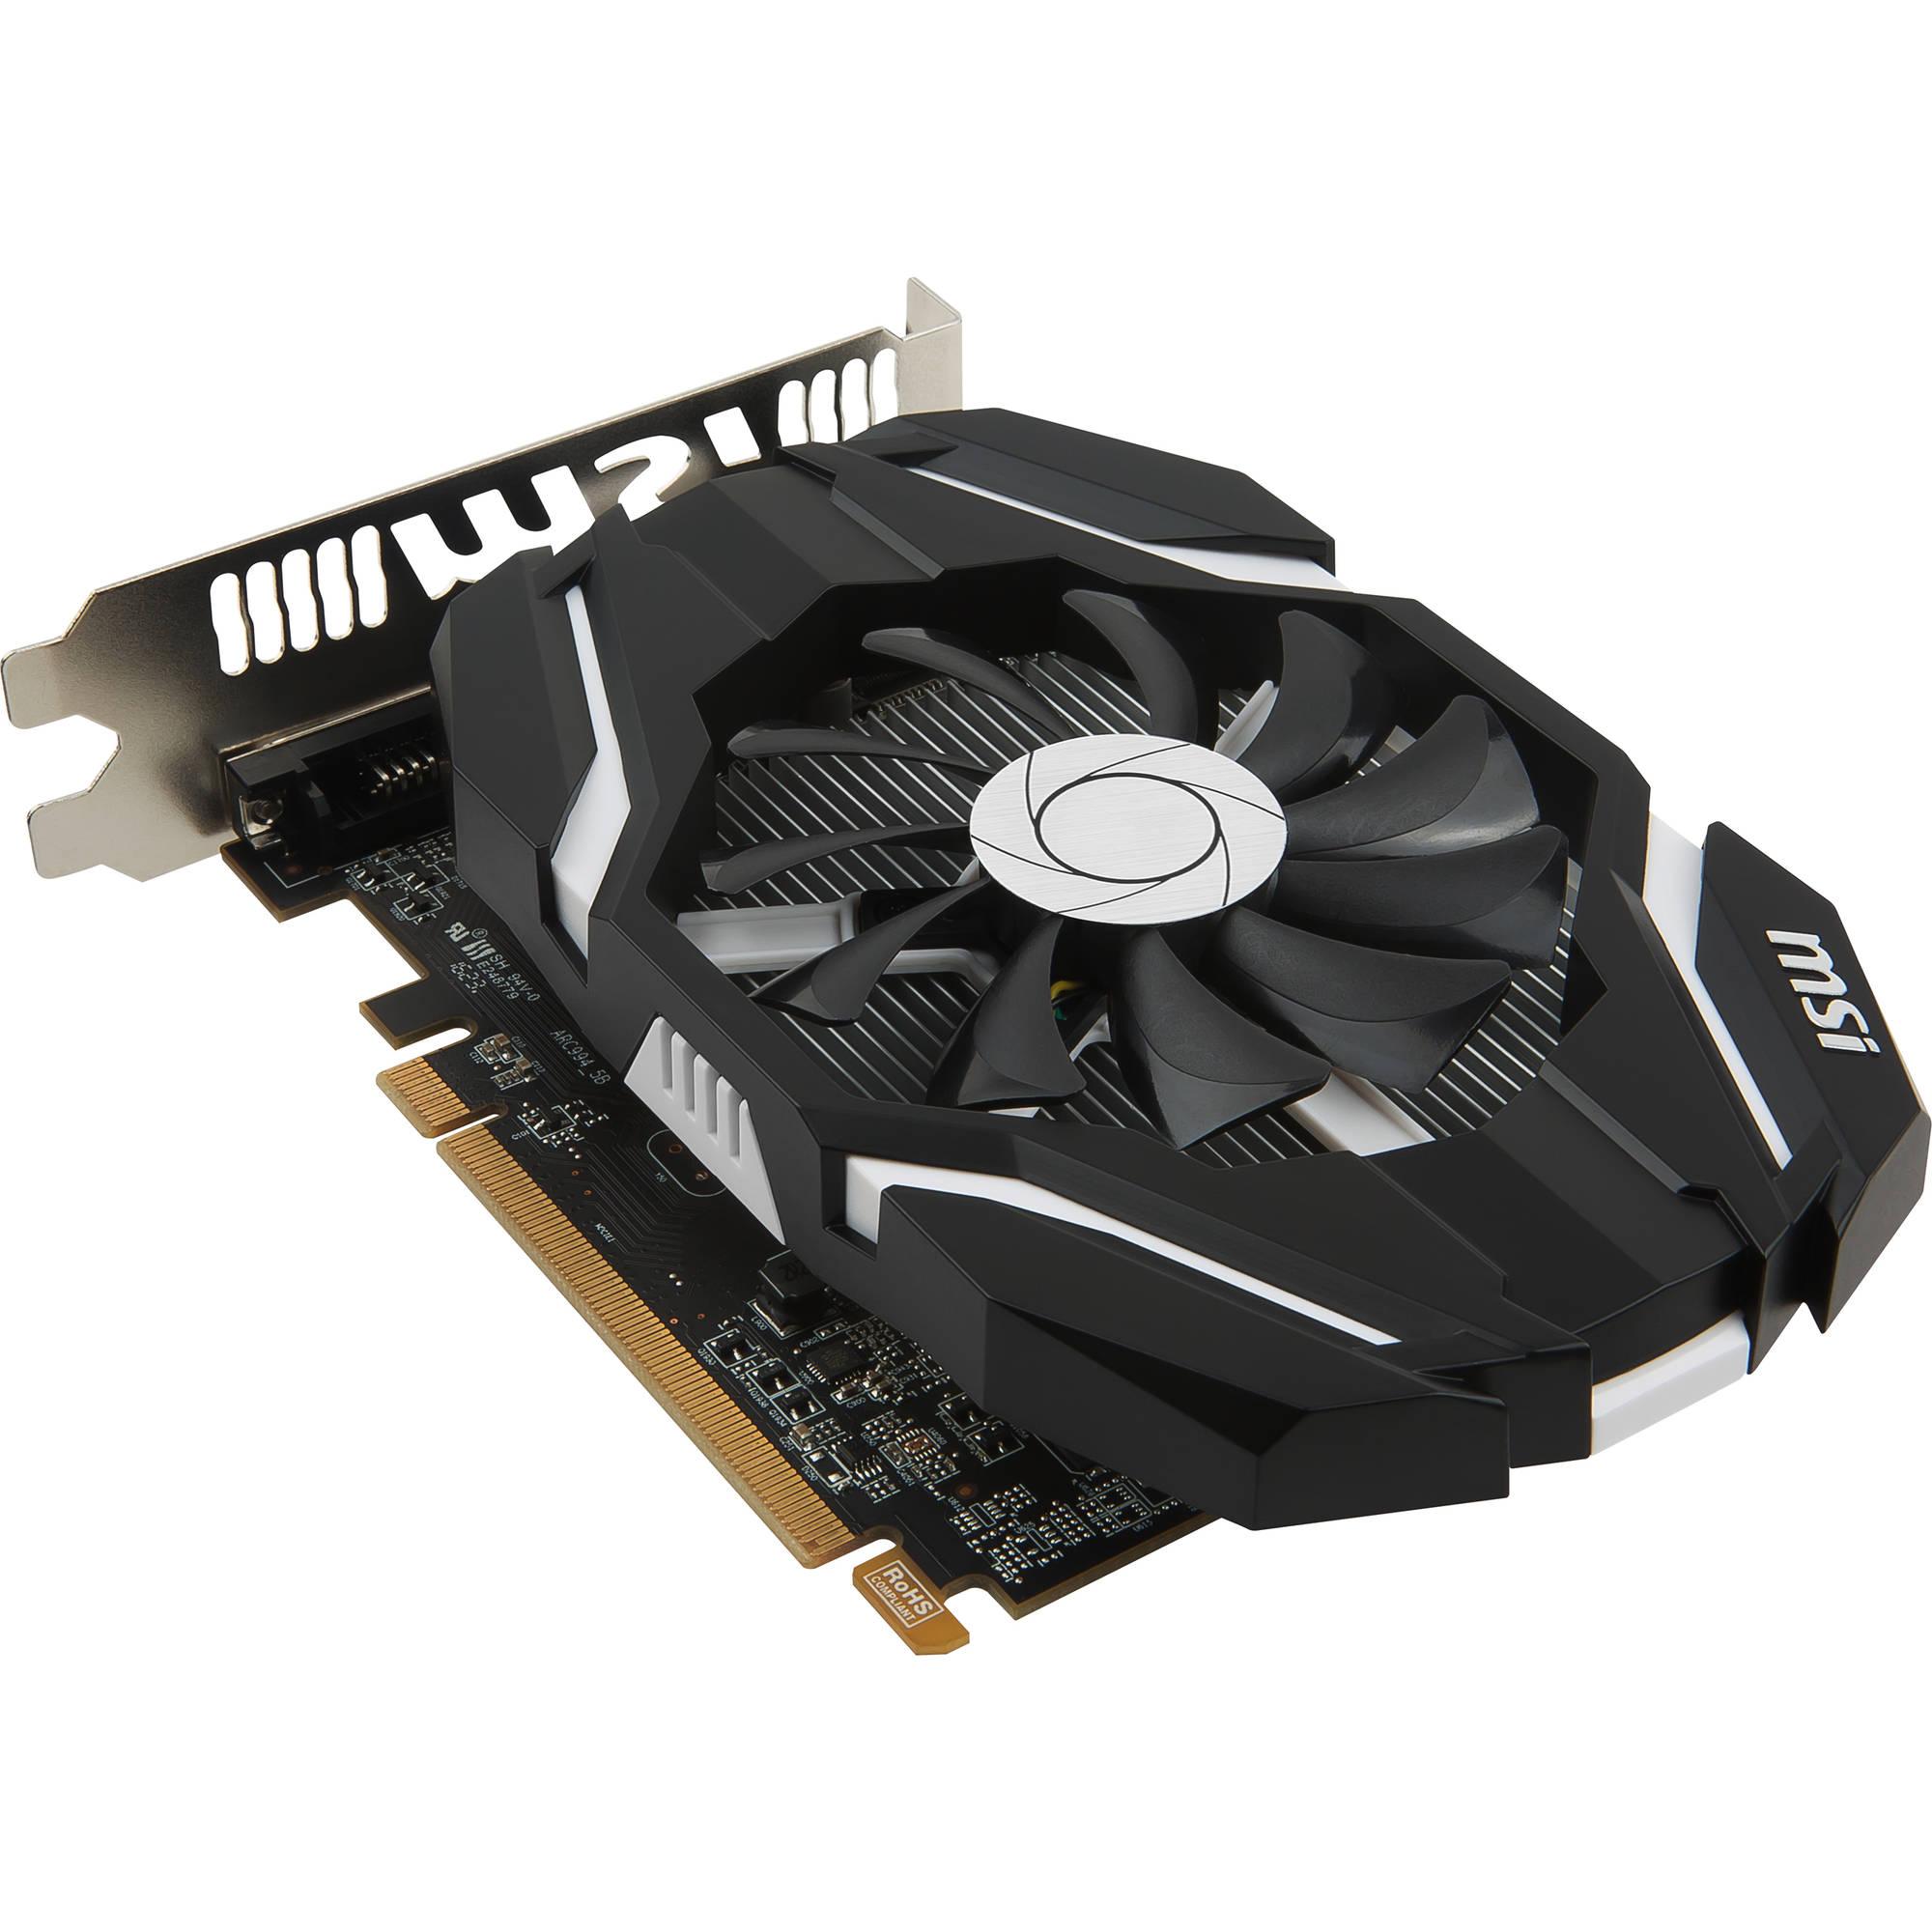 MSI Radeon RX 460 DirectX 12 RX 460 2G OC 2GB 128-Bit GDDR5 PCI Express 3.0 x16